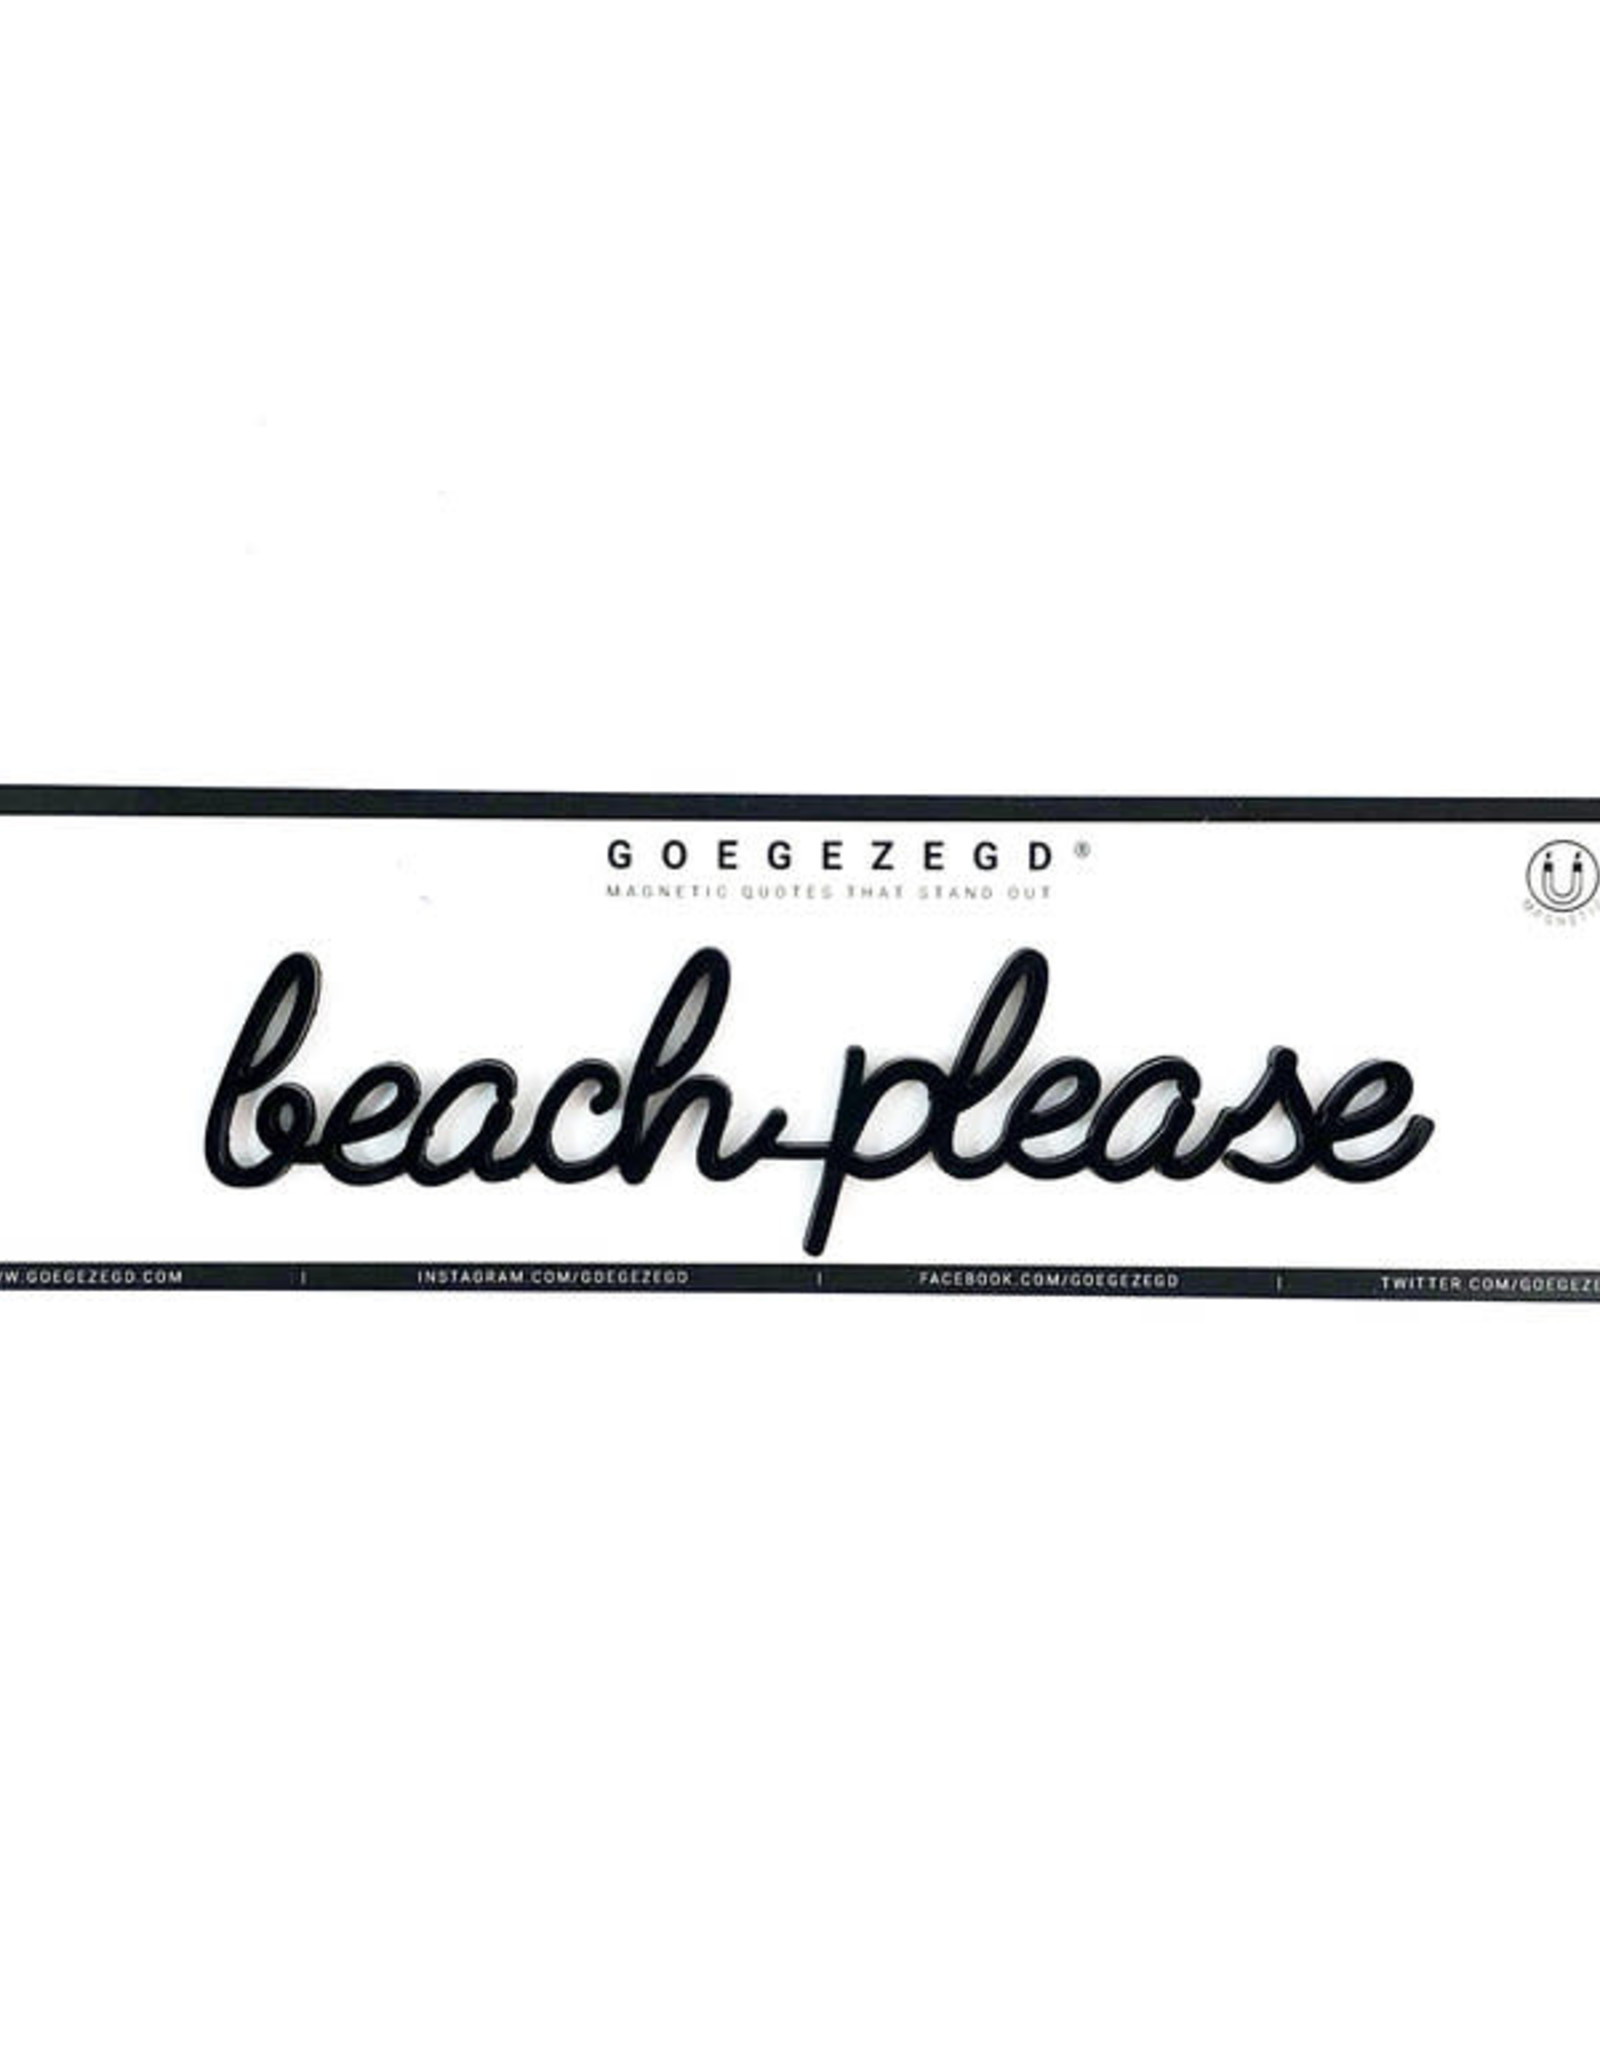 Goegezegd Magnetic Quote Beach Please-black